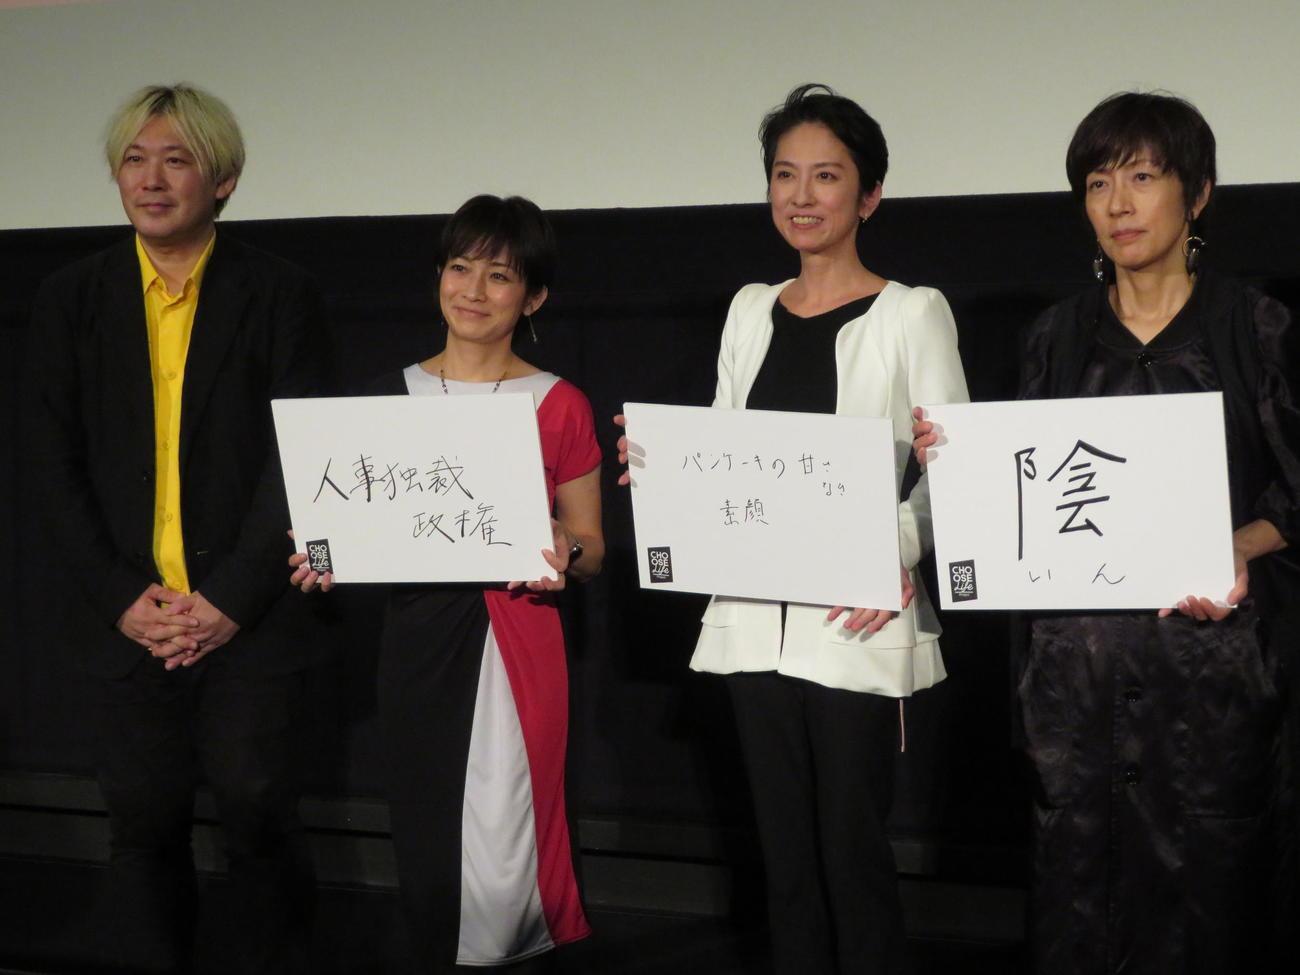 映画「i-新聞記者ドキュメント-」再上映記念シンポジウムに出席した左からMCの津田大介氏、東京新聞の望月衣塑子記者、蓮舫参院議員、朝日新聞の高橋純子記者(撮影・近藤由美子)